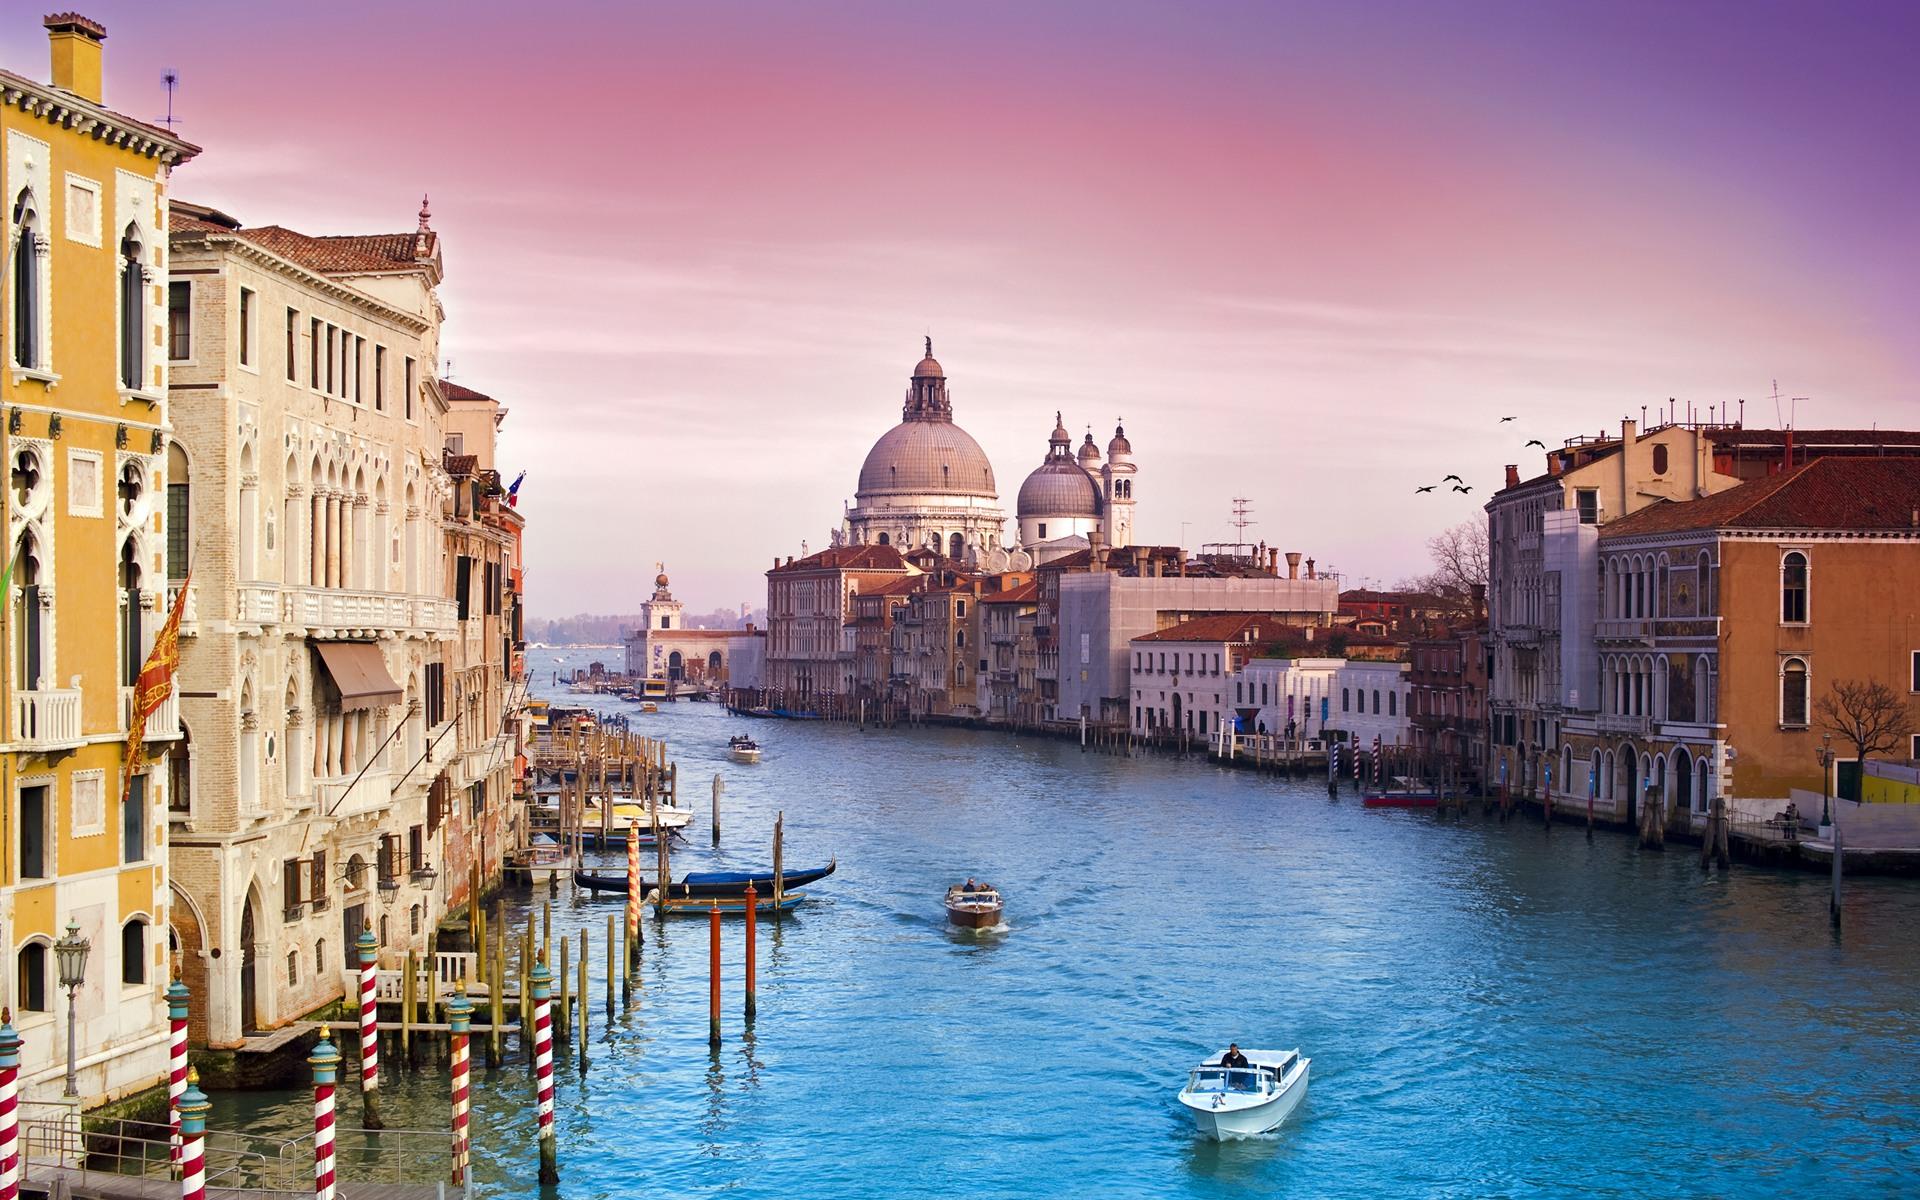 Venice Italy 1920 x 1200 Locality Photography MIRIADNACOM 1920x1200